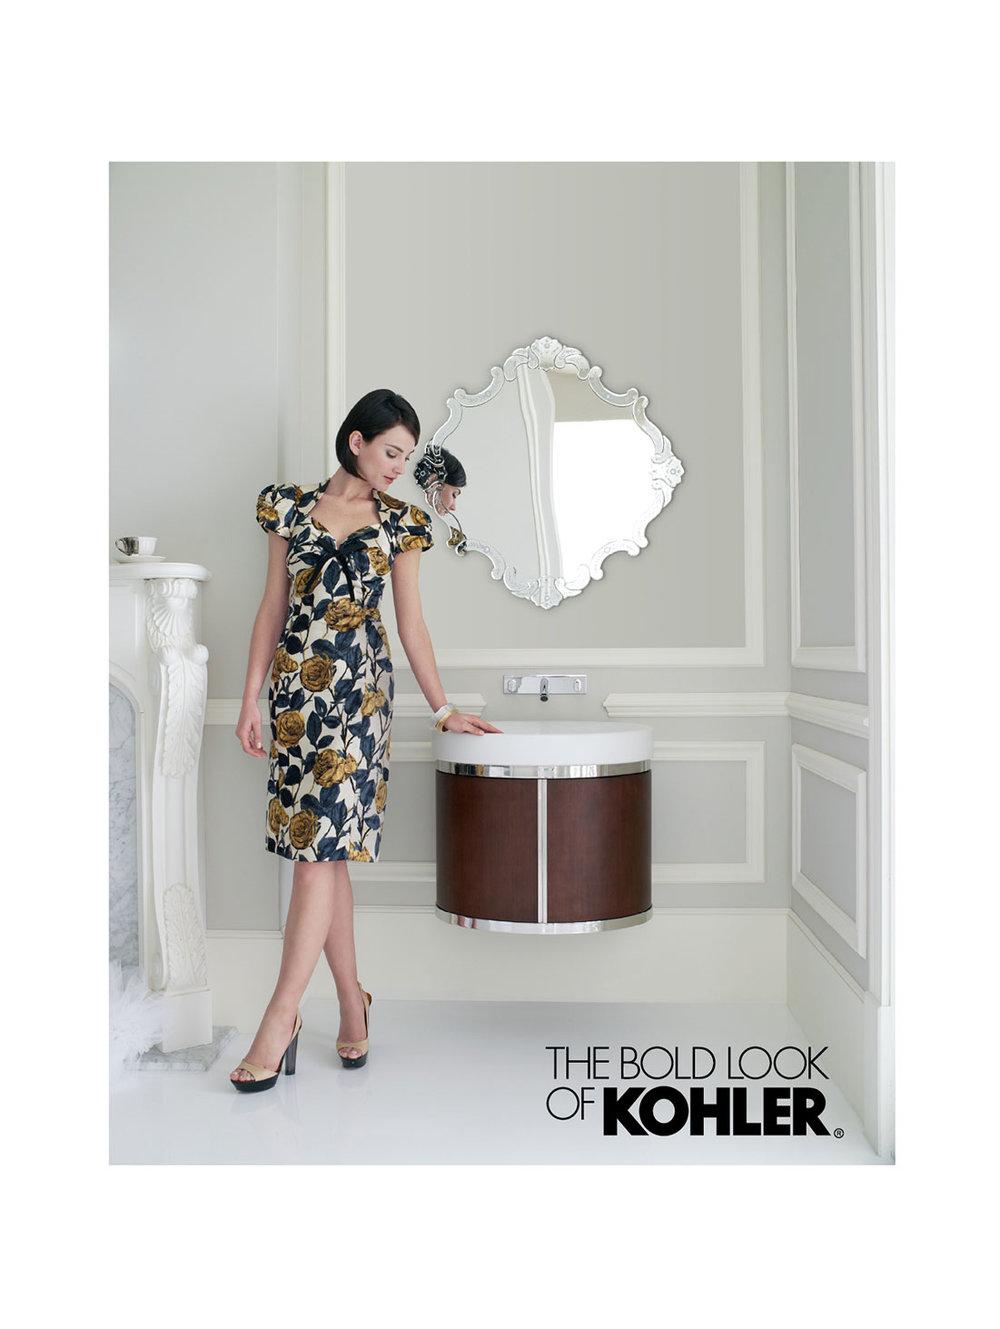 kohler3.jpg